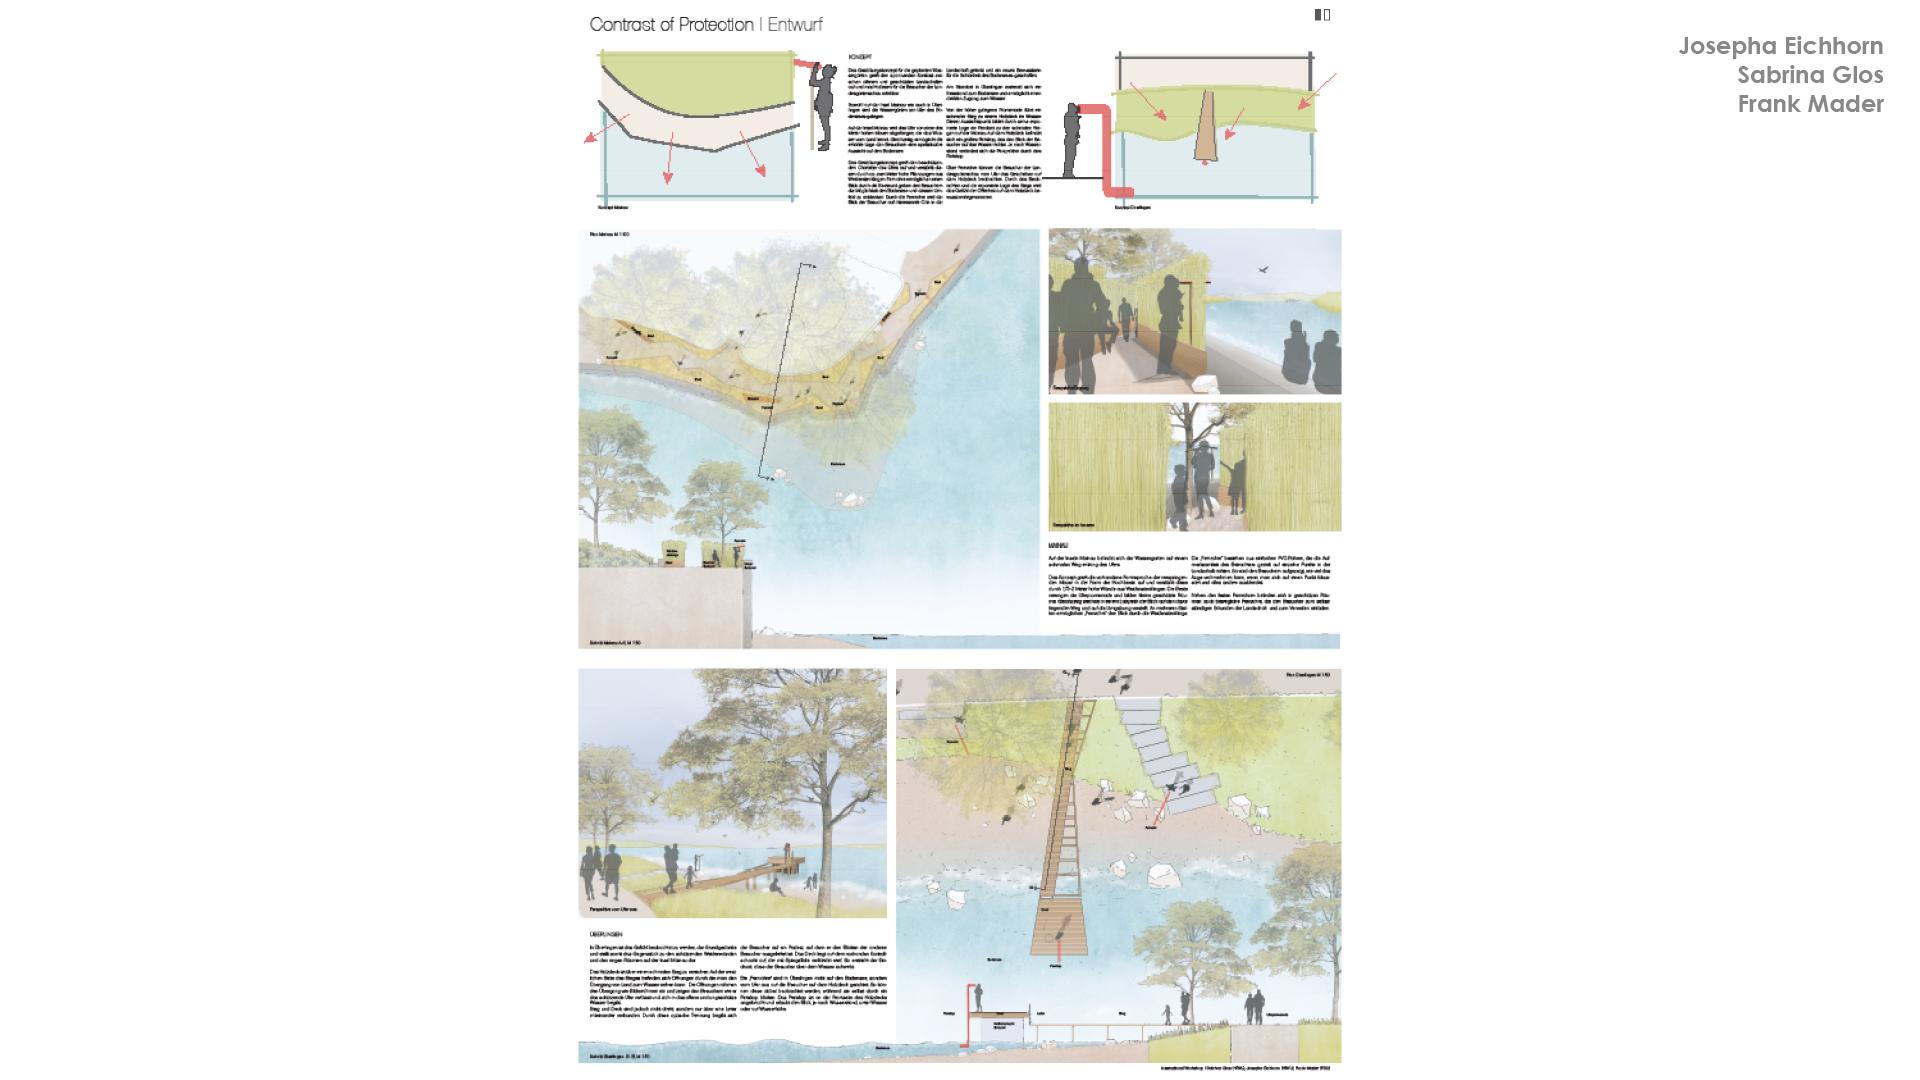 19 8 Workshop Intergrierte Planung Eichhorn, Glos, Mader 01